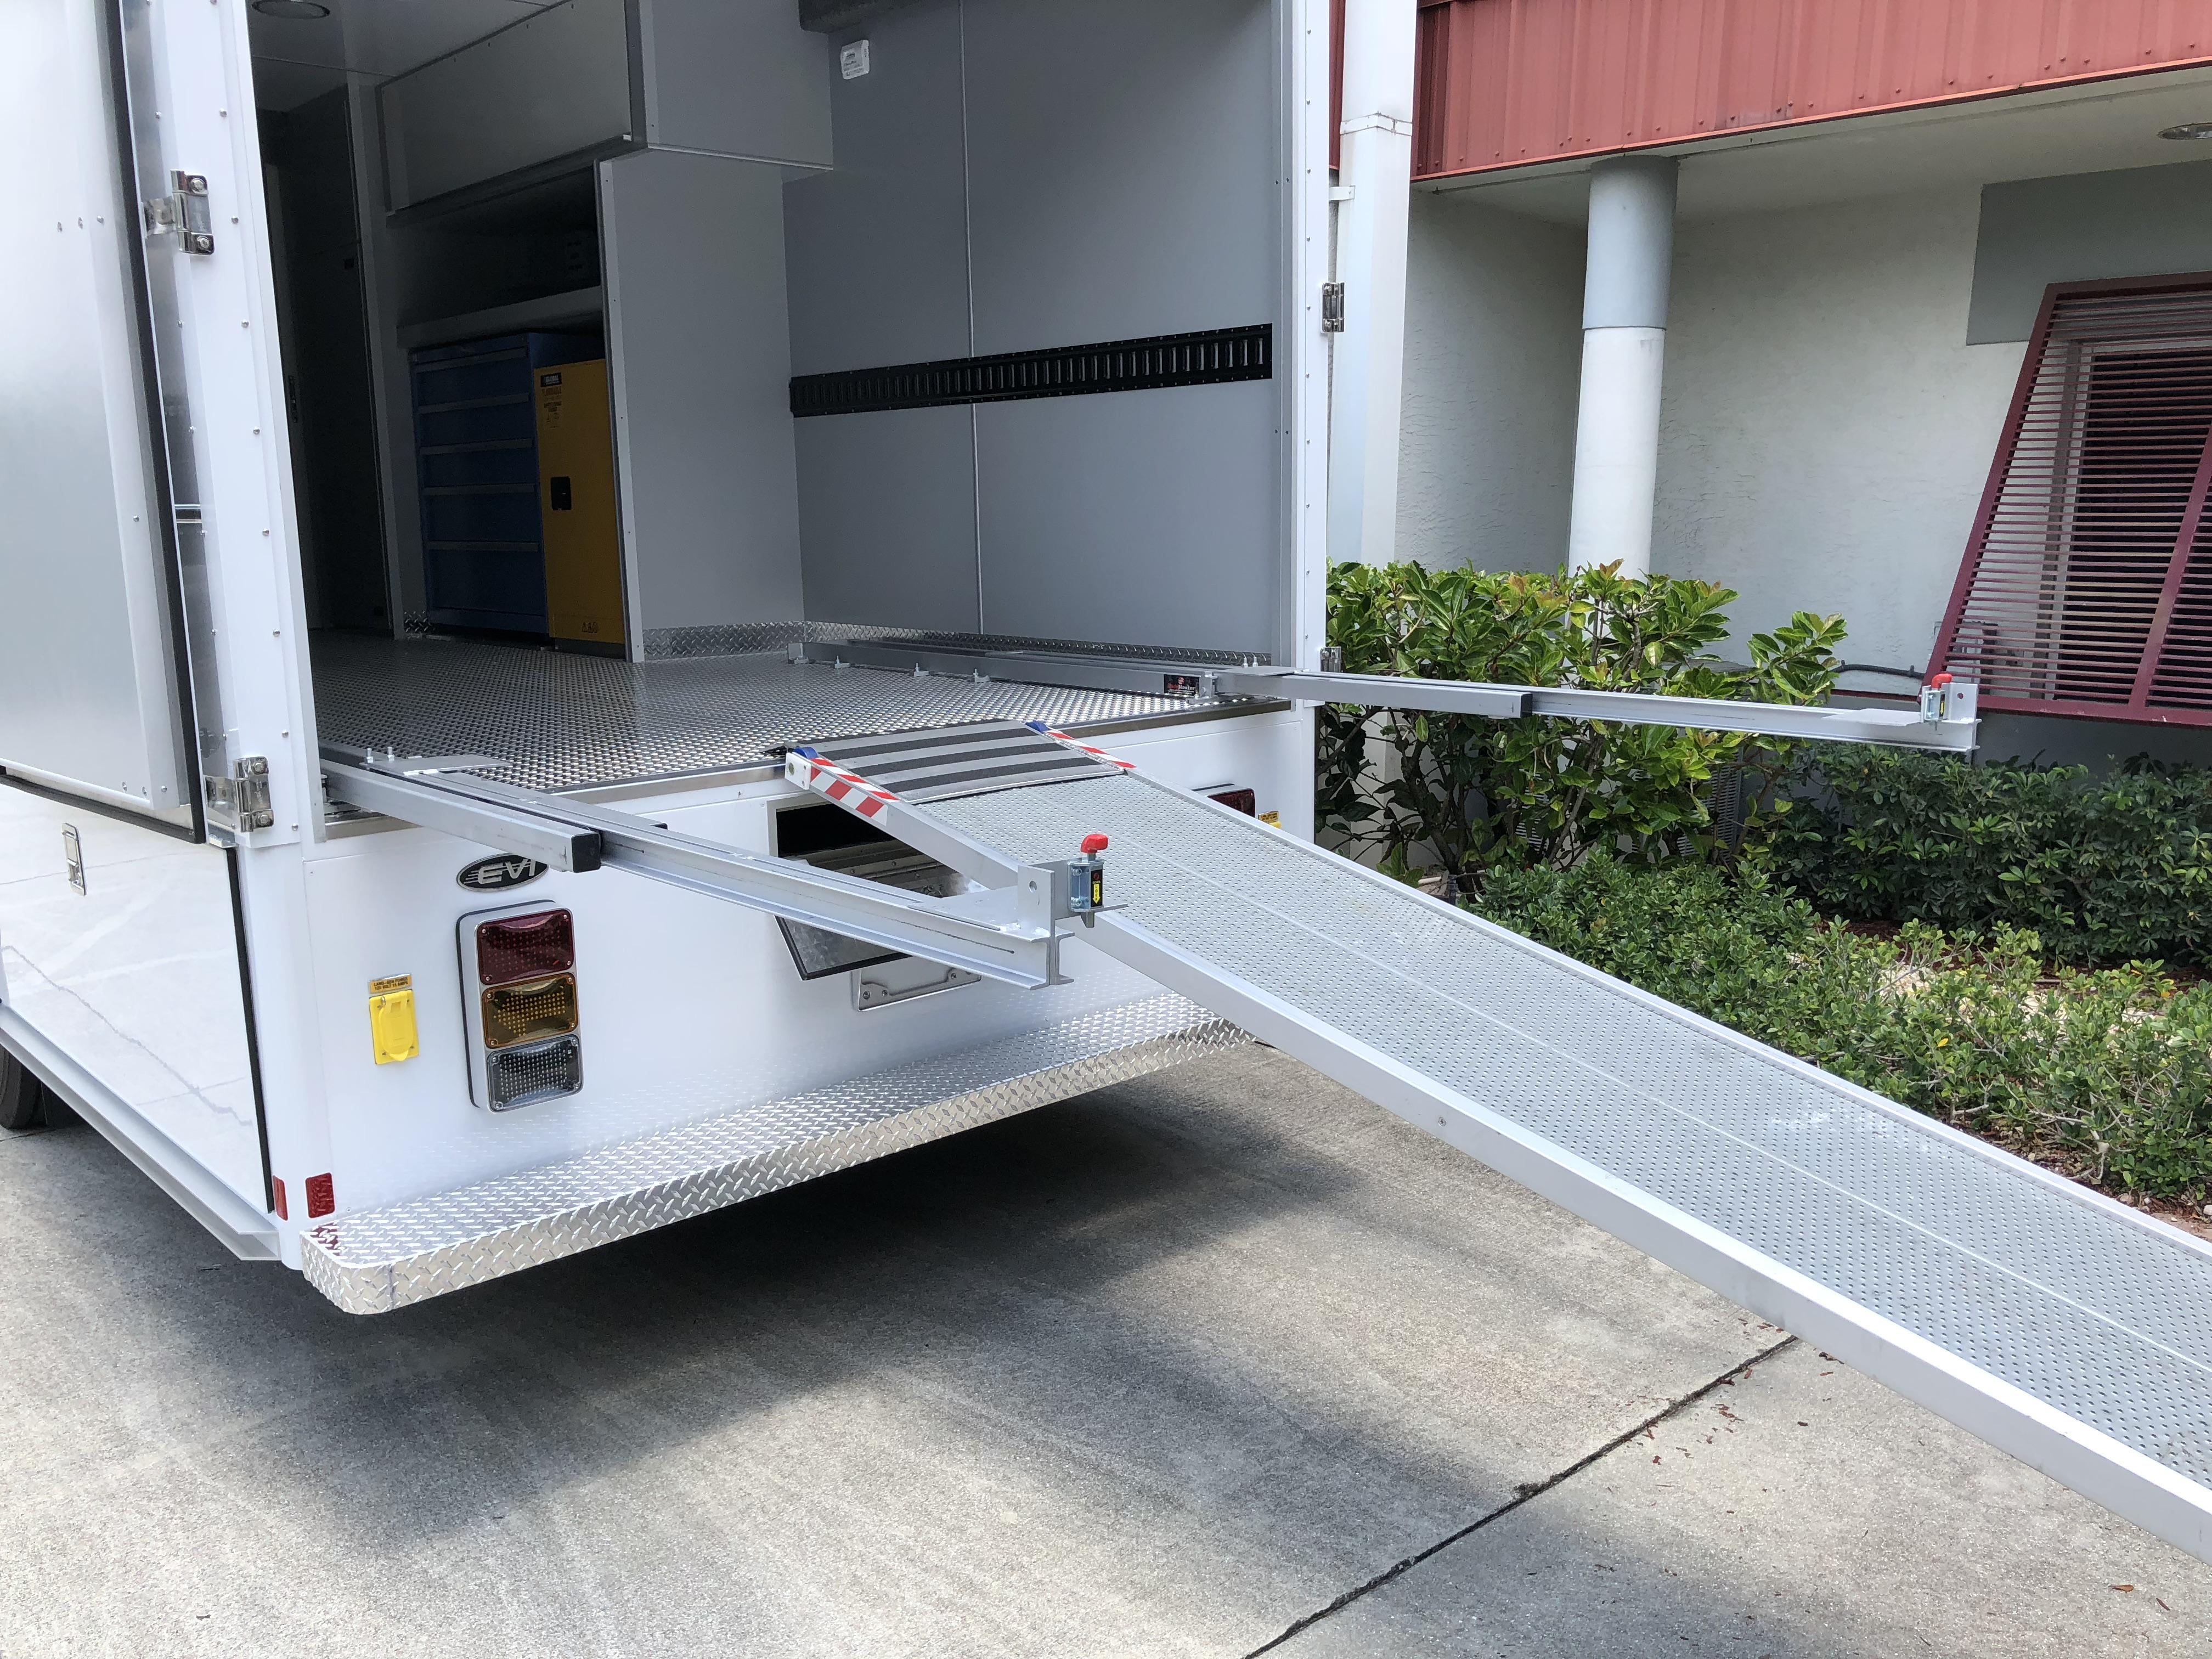 24-Ft. UAV Support Vehicle